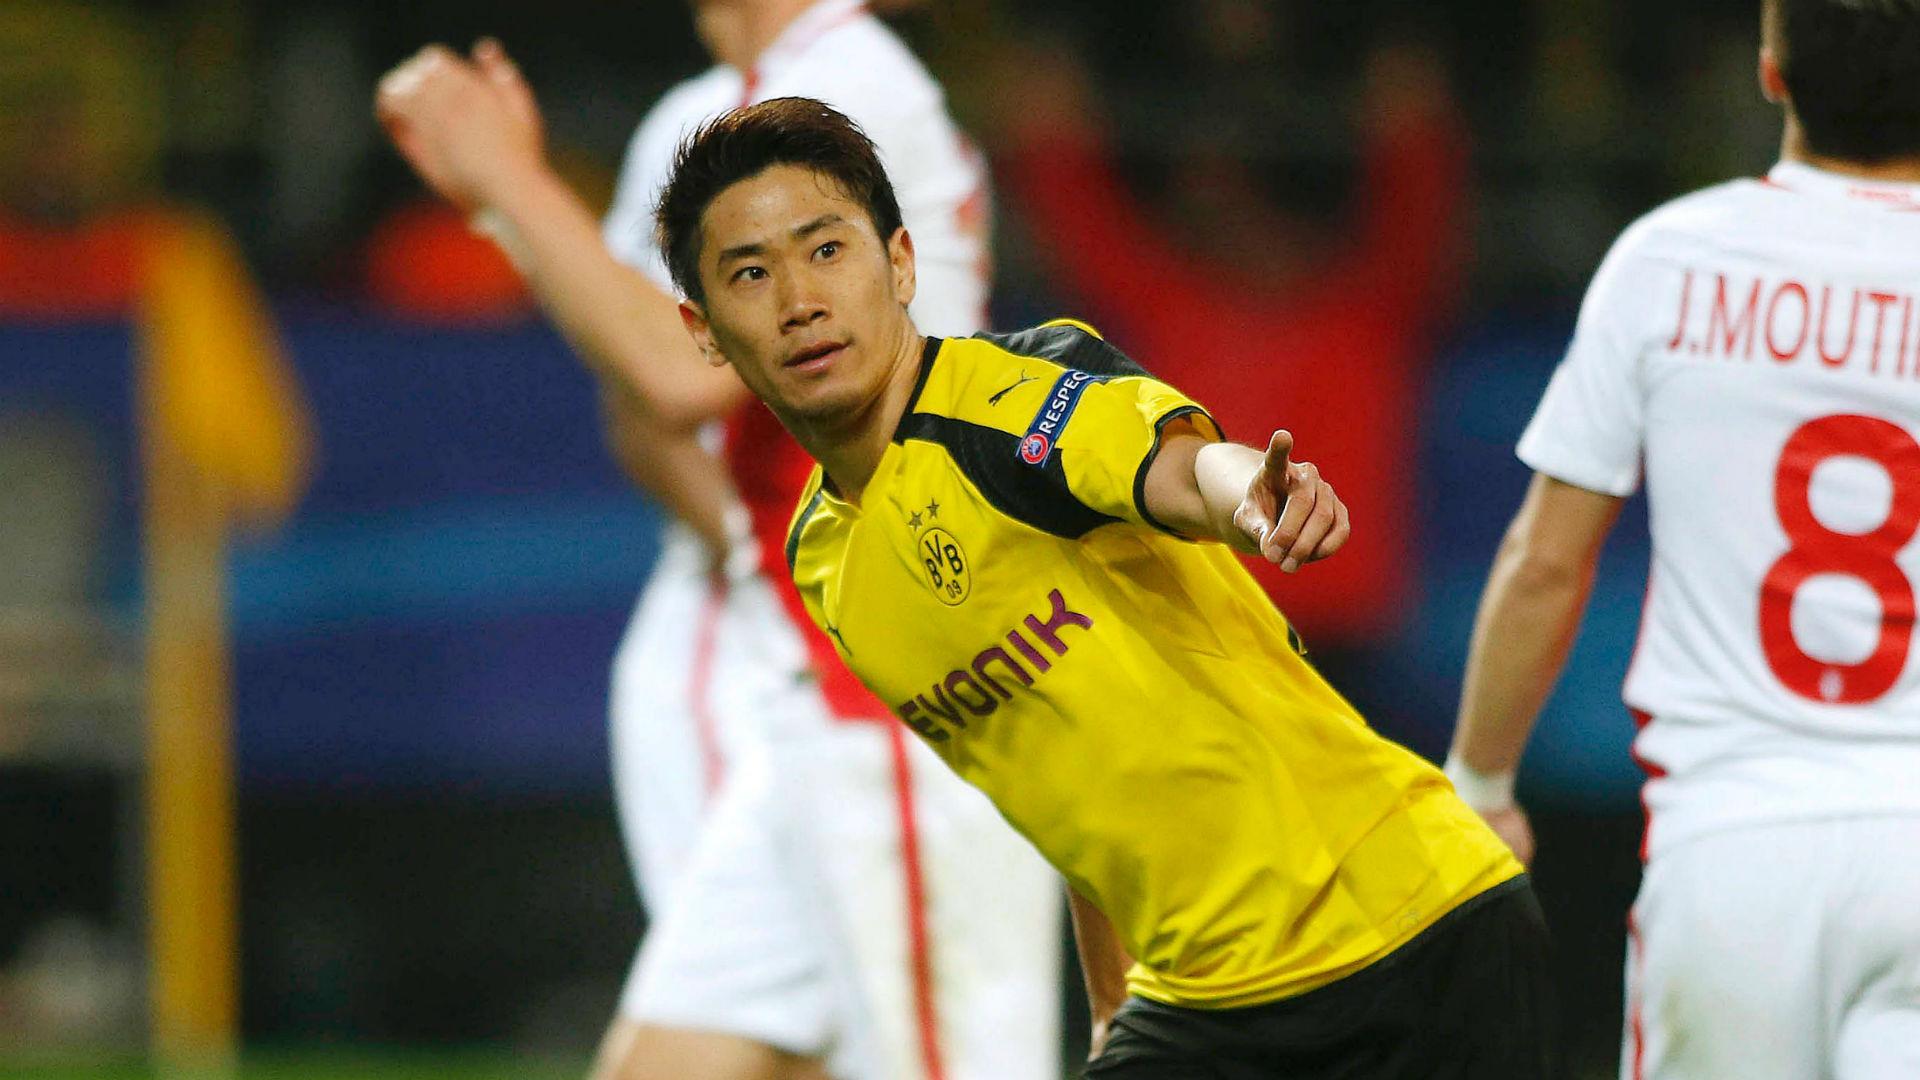 Monaco vs Borussia Dortmund